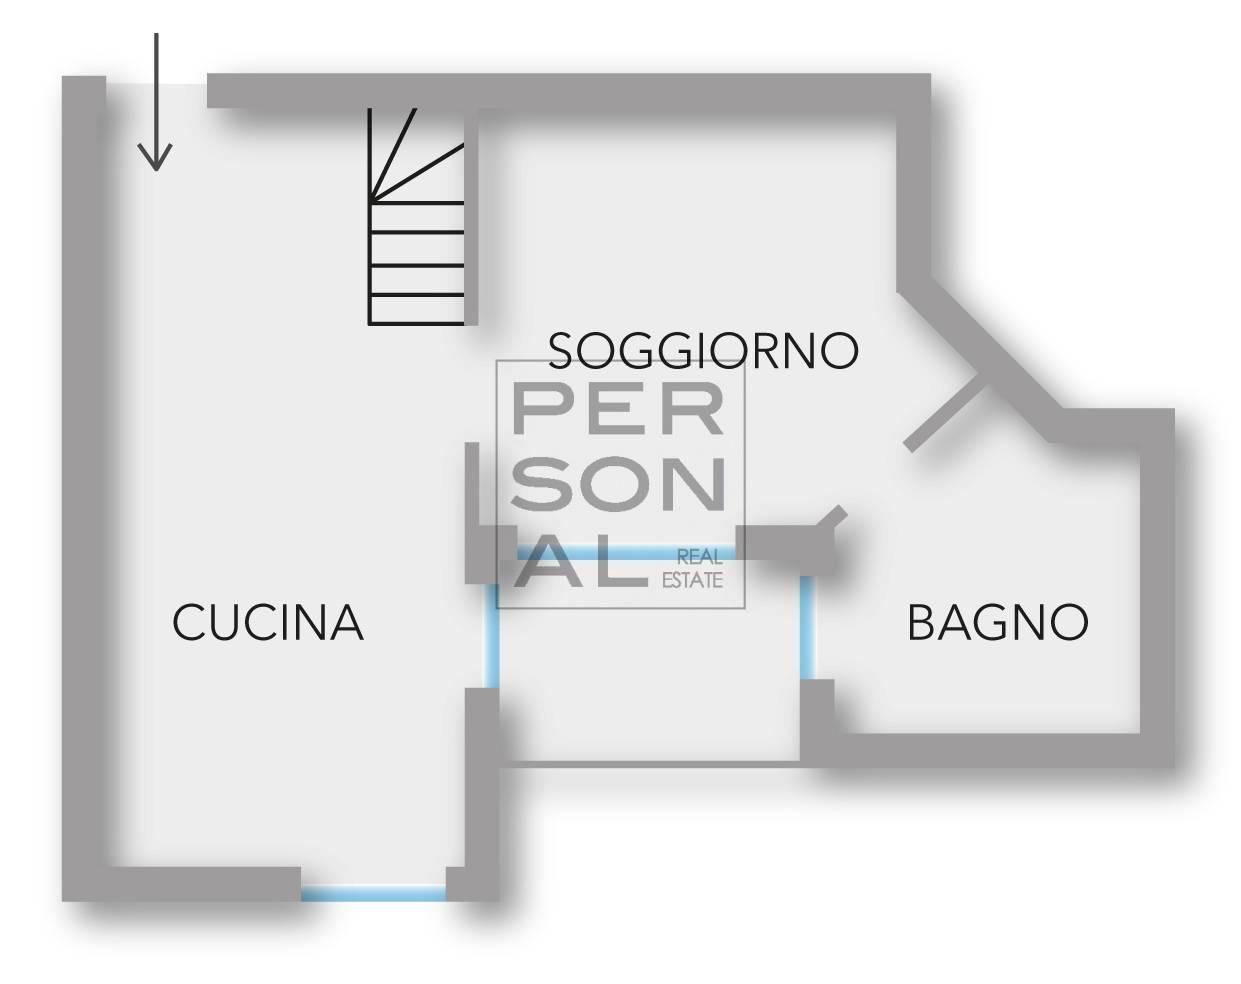 Appartamento in vendita a Rovereto, 4 locali, zona Zona: Marco, prezzo € 187.000 | CambioCasa.it